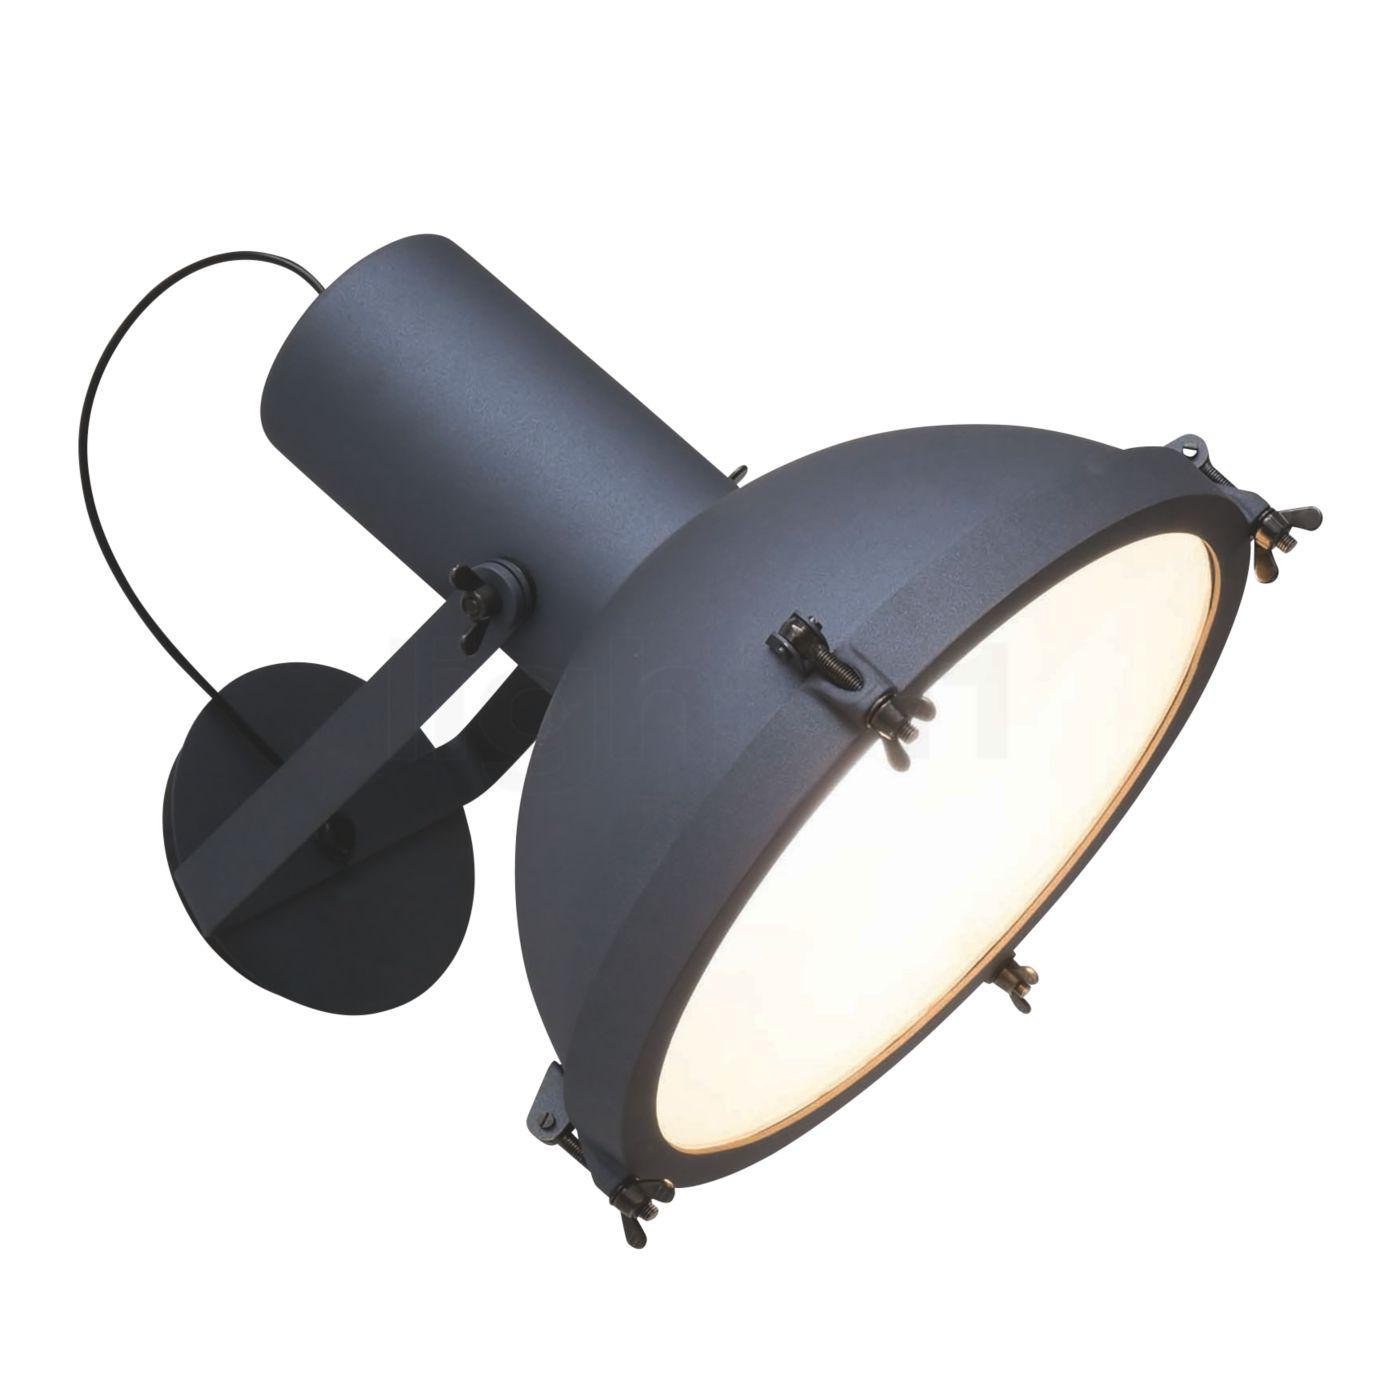 Nemo Projecteur 365 Parete/Soffitto Outdoor - light11.it